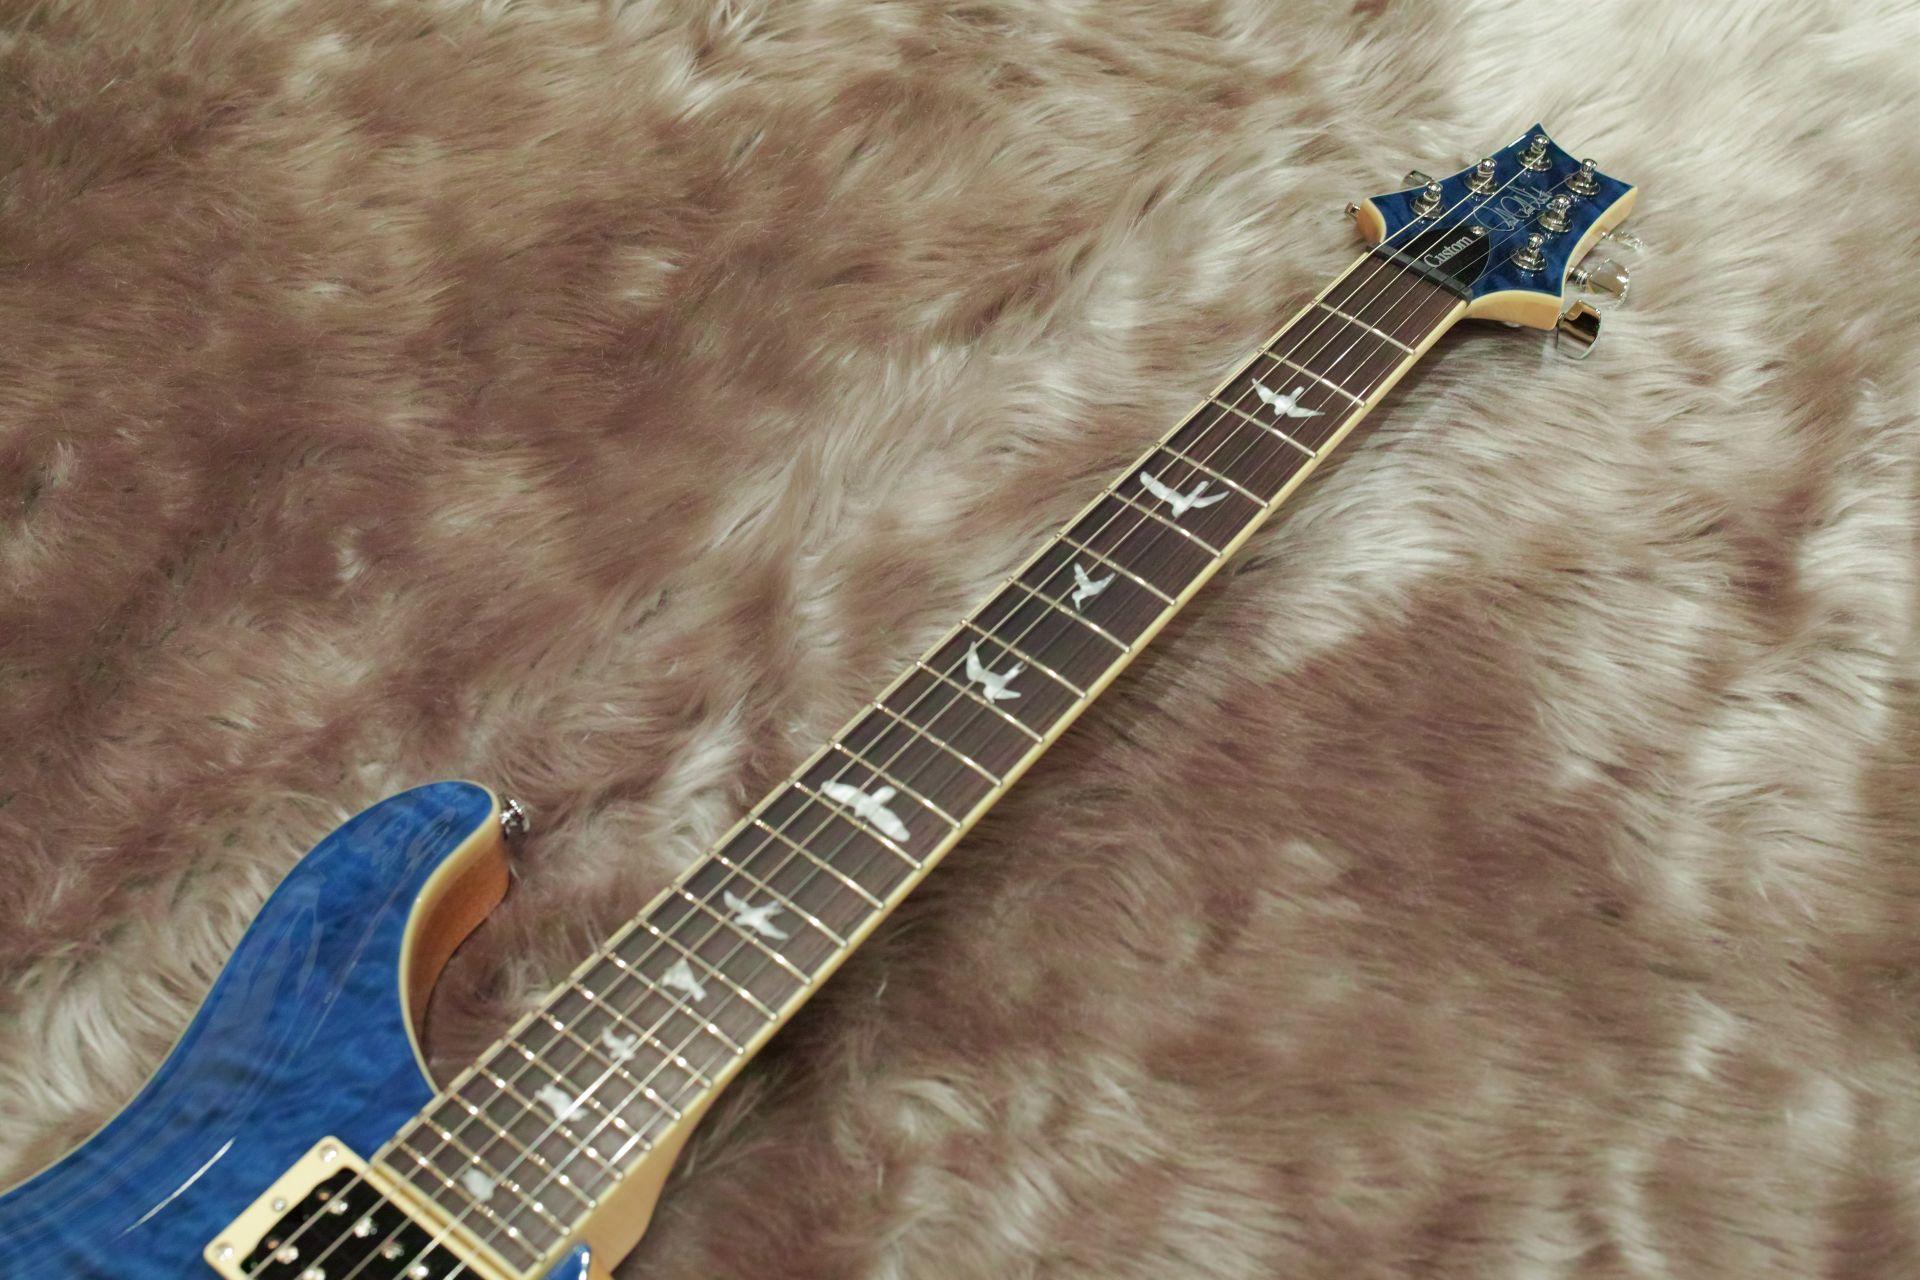 SE Custom 24 QM LTD Blue Matteo【島村限定モデル!】のヘッド画像